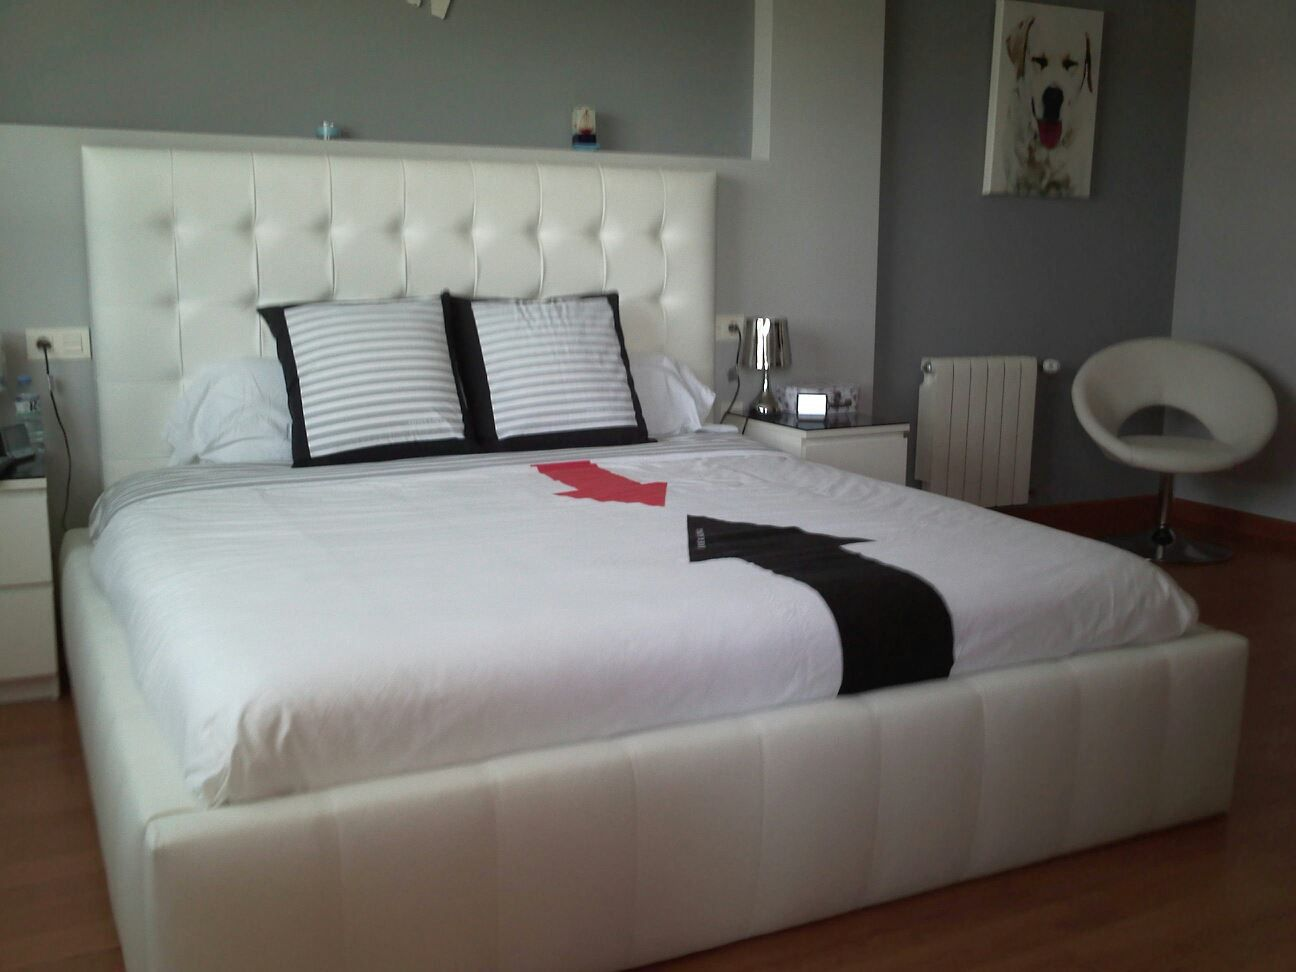 #Cabecero y bañera para la cama, echo a gusto del cliente